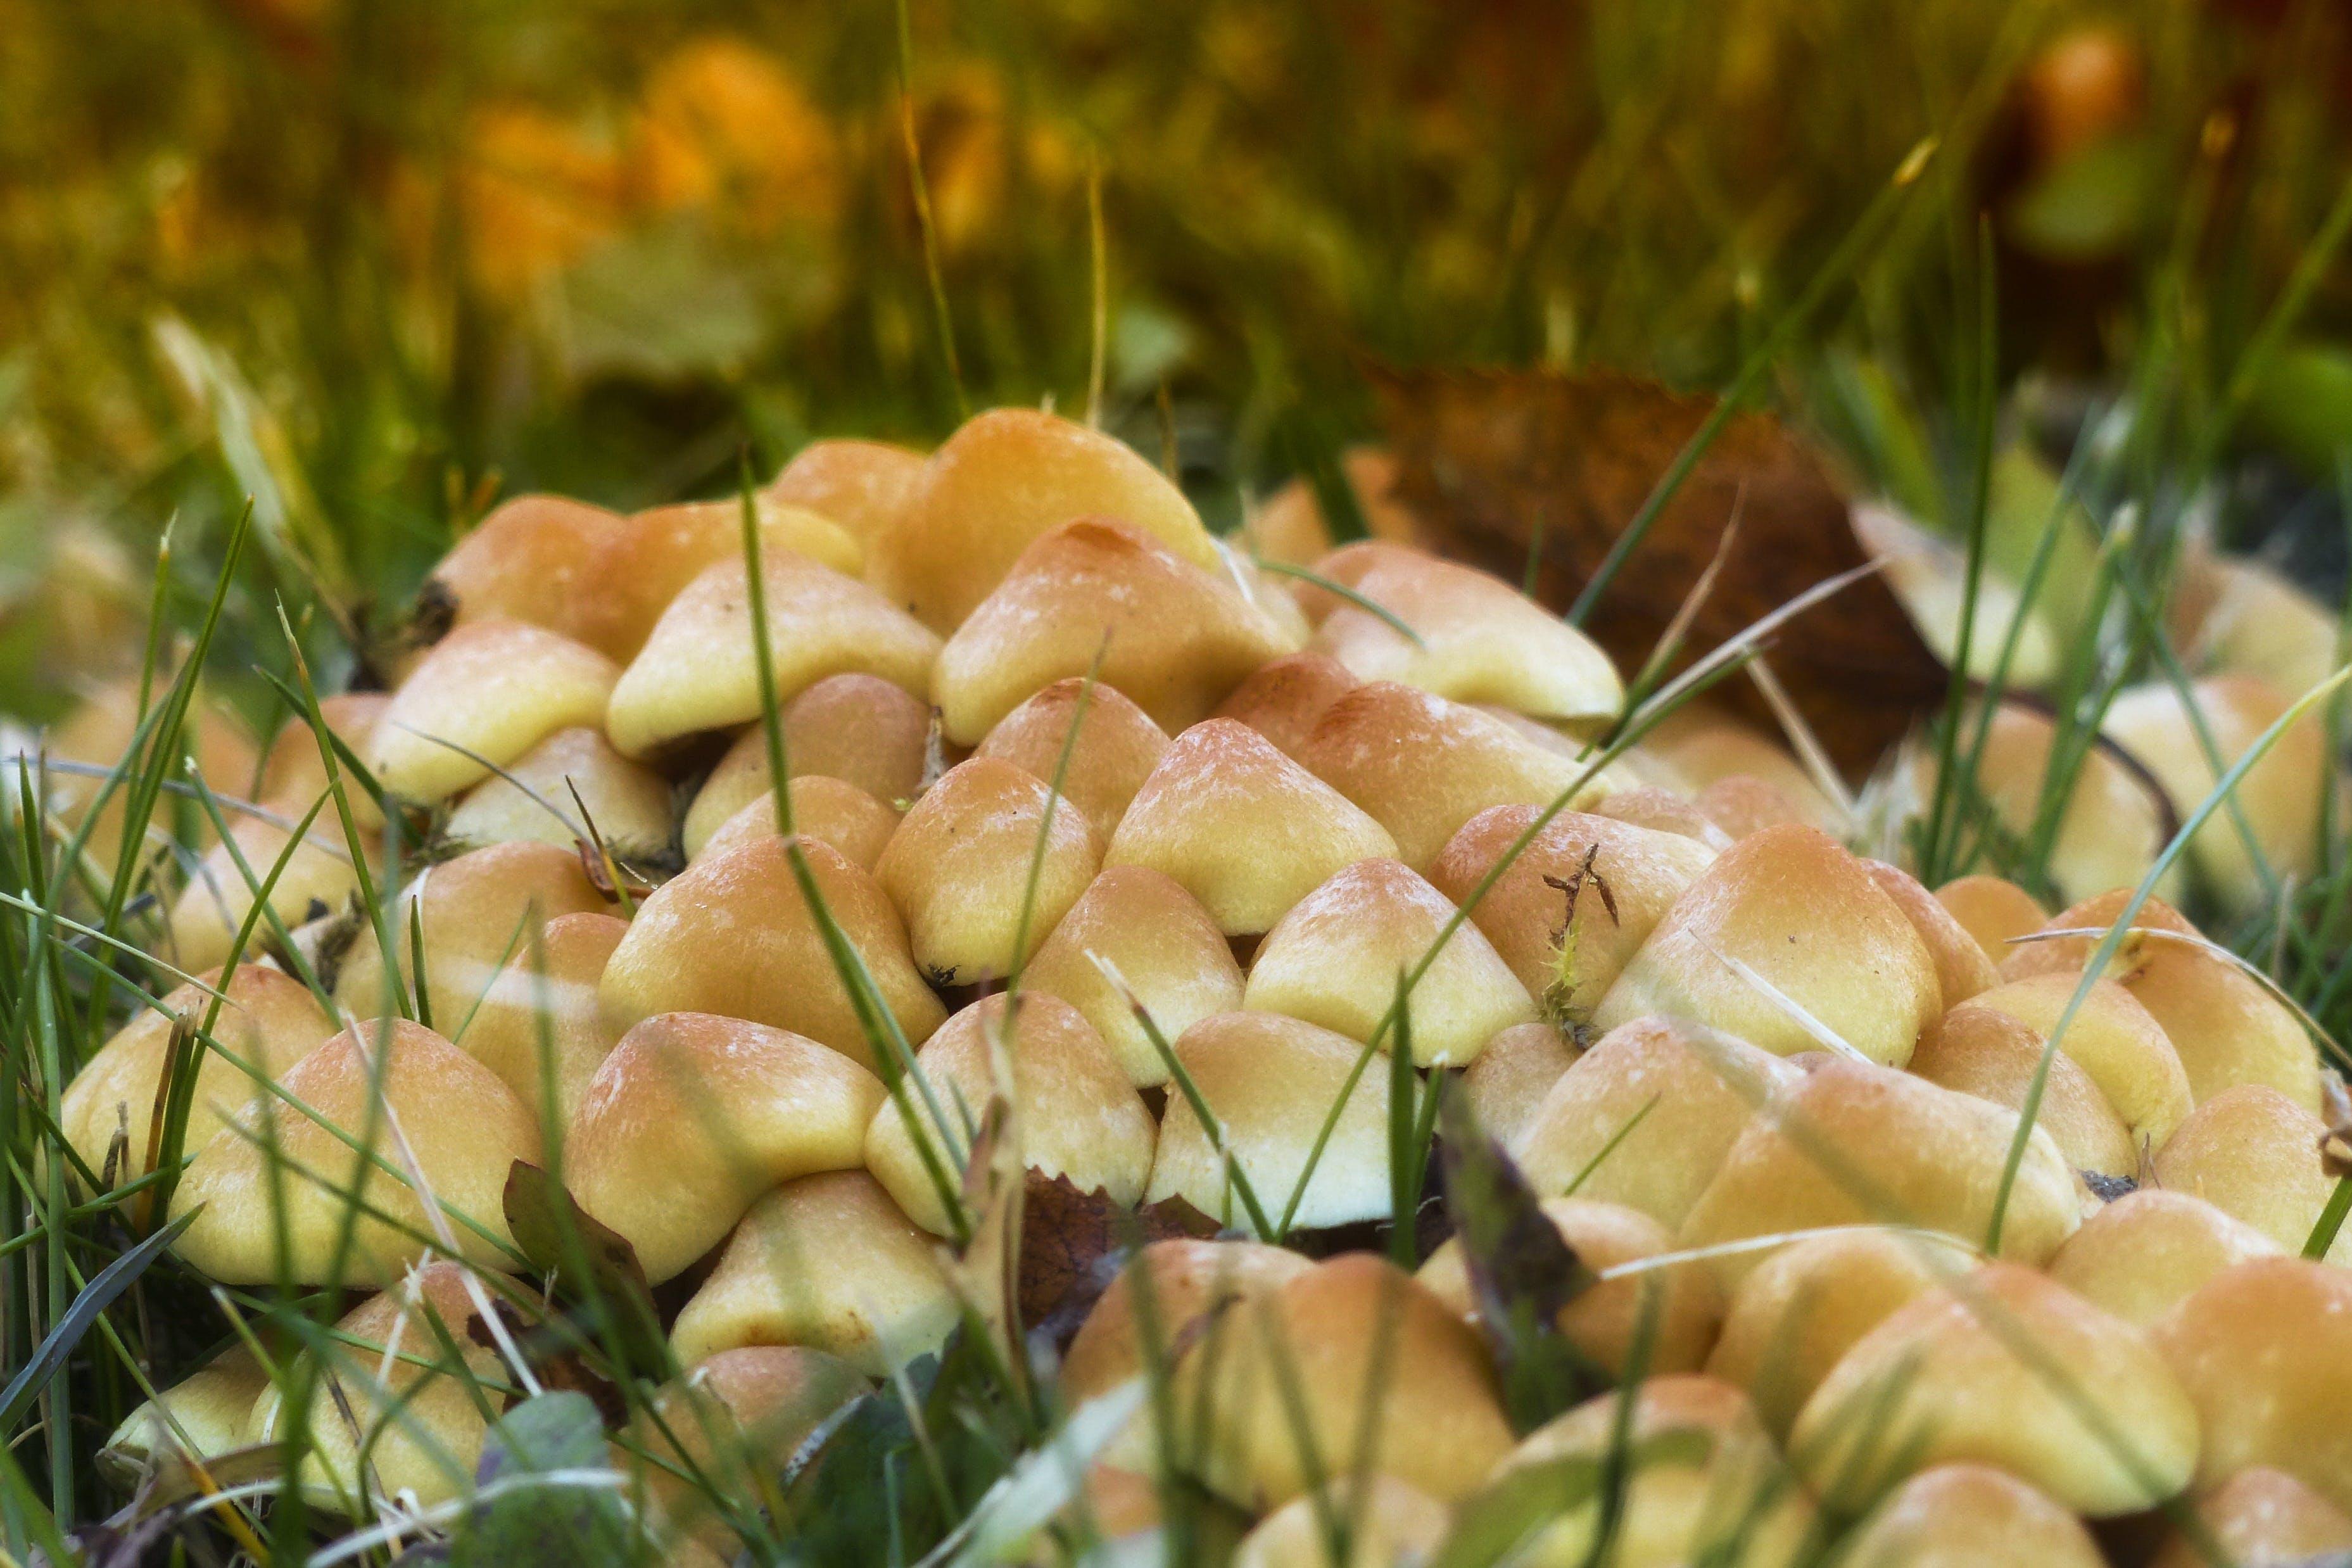 Mushroom on Green Grass